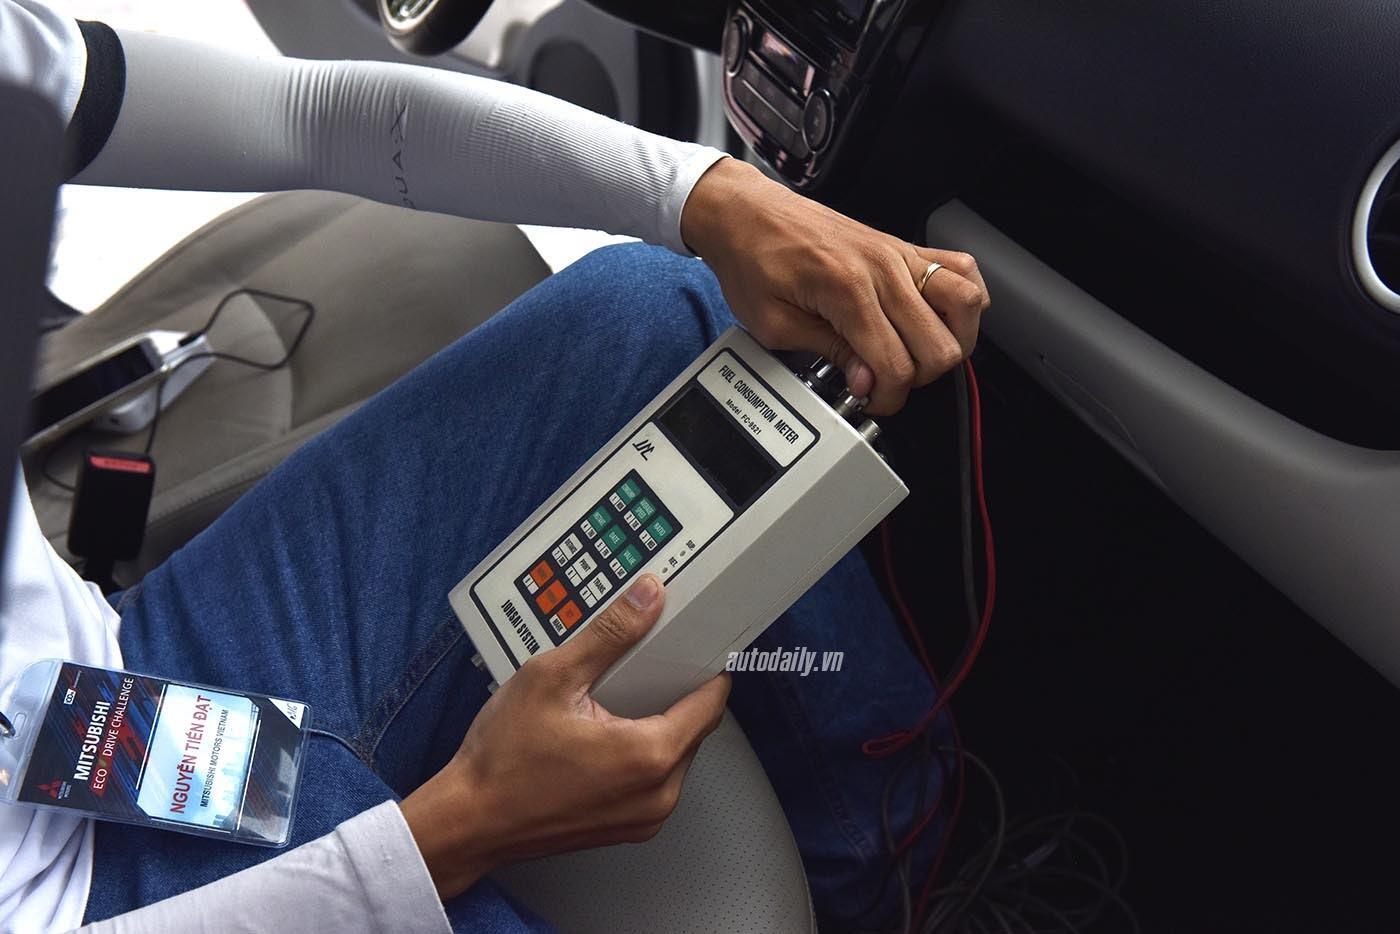 Mitsubishi Attrage lập kỷ lục mới về mức tiêu thụ nhiên liệu - Hình 5